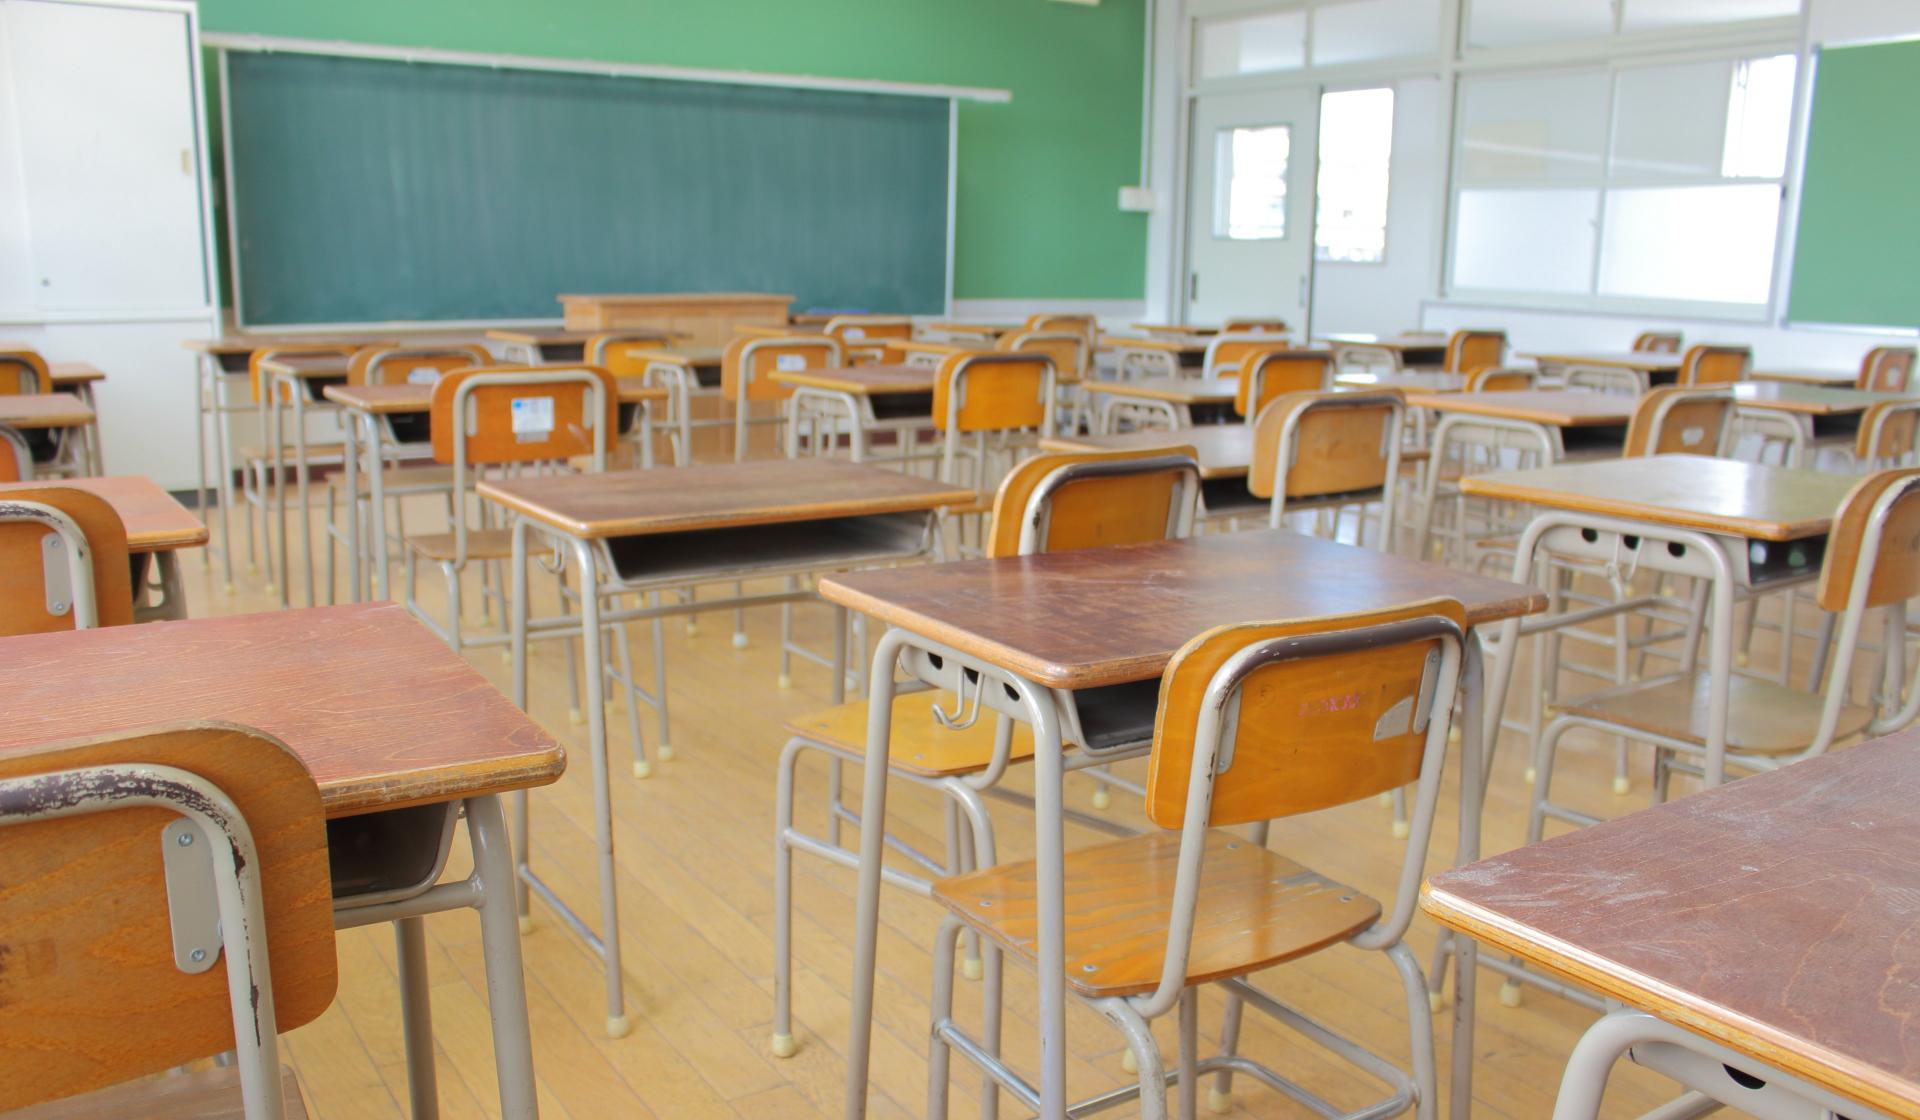 学校教員・教師志望の大学生こそ学校外へ出よう!-学生時代から学級経営に必要な力を磨く方法とは?